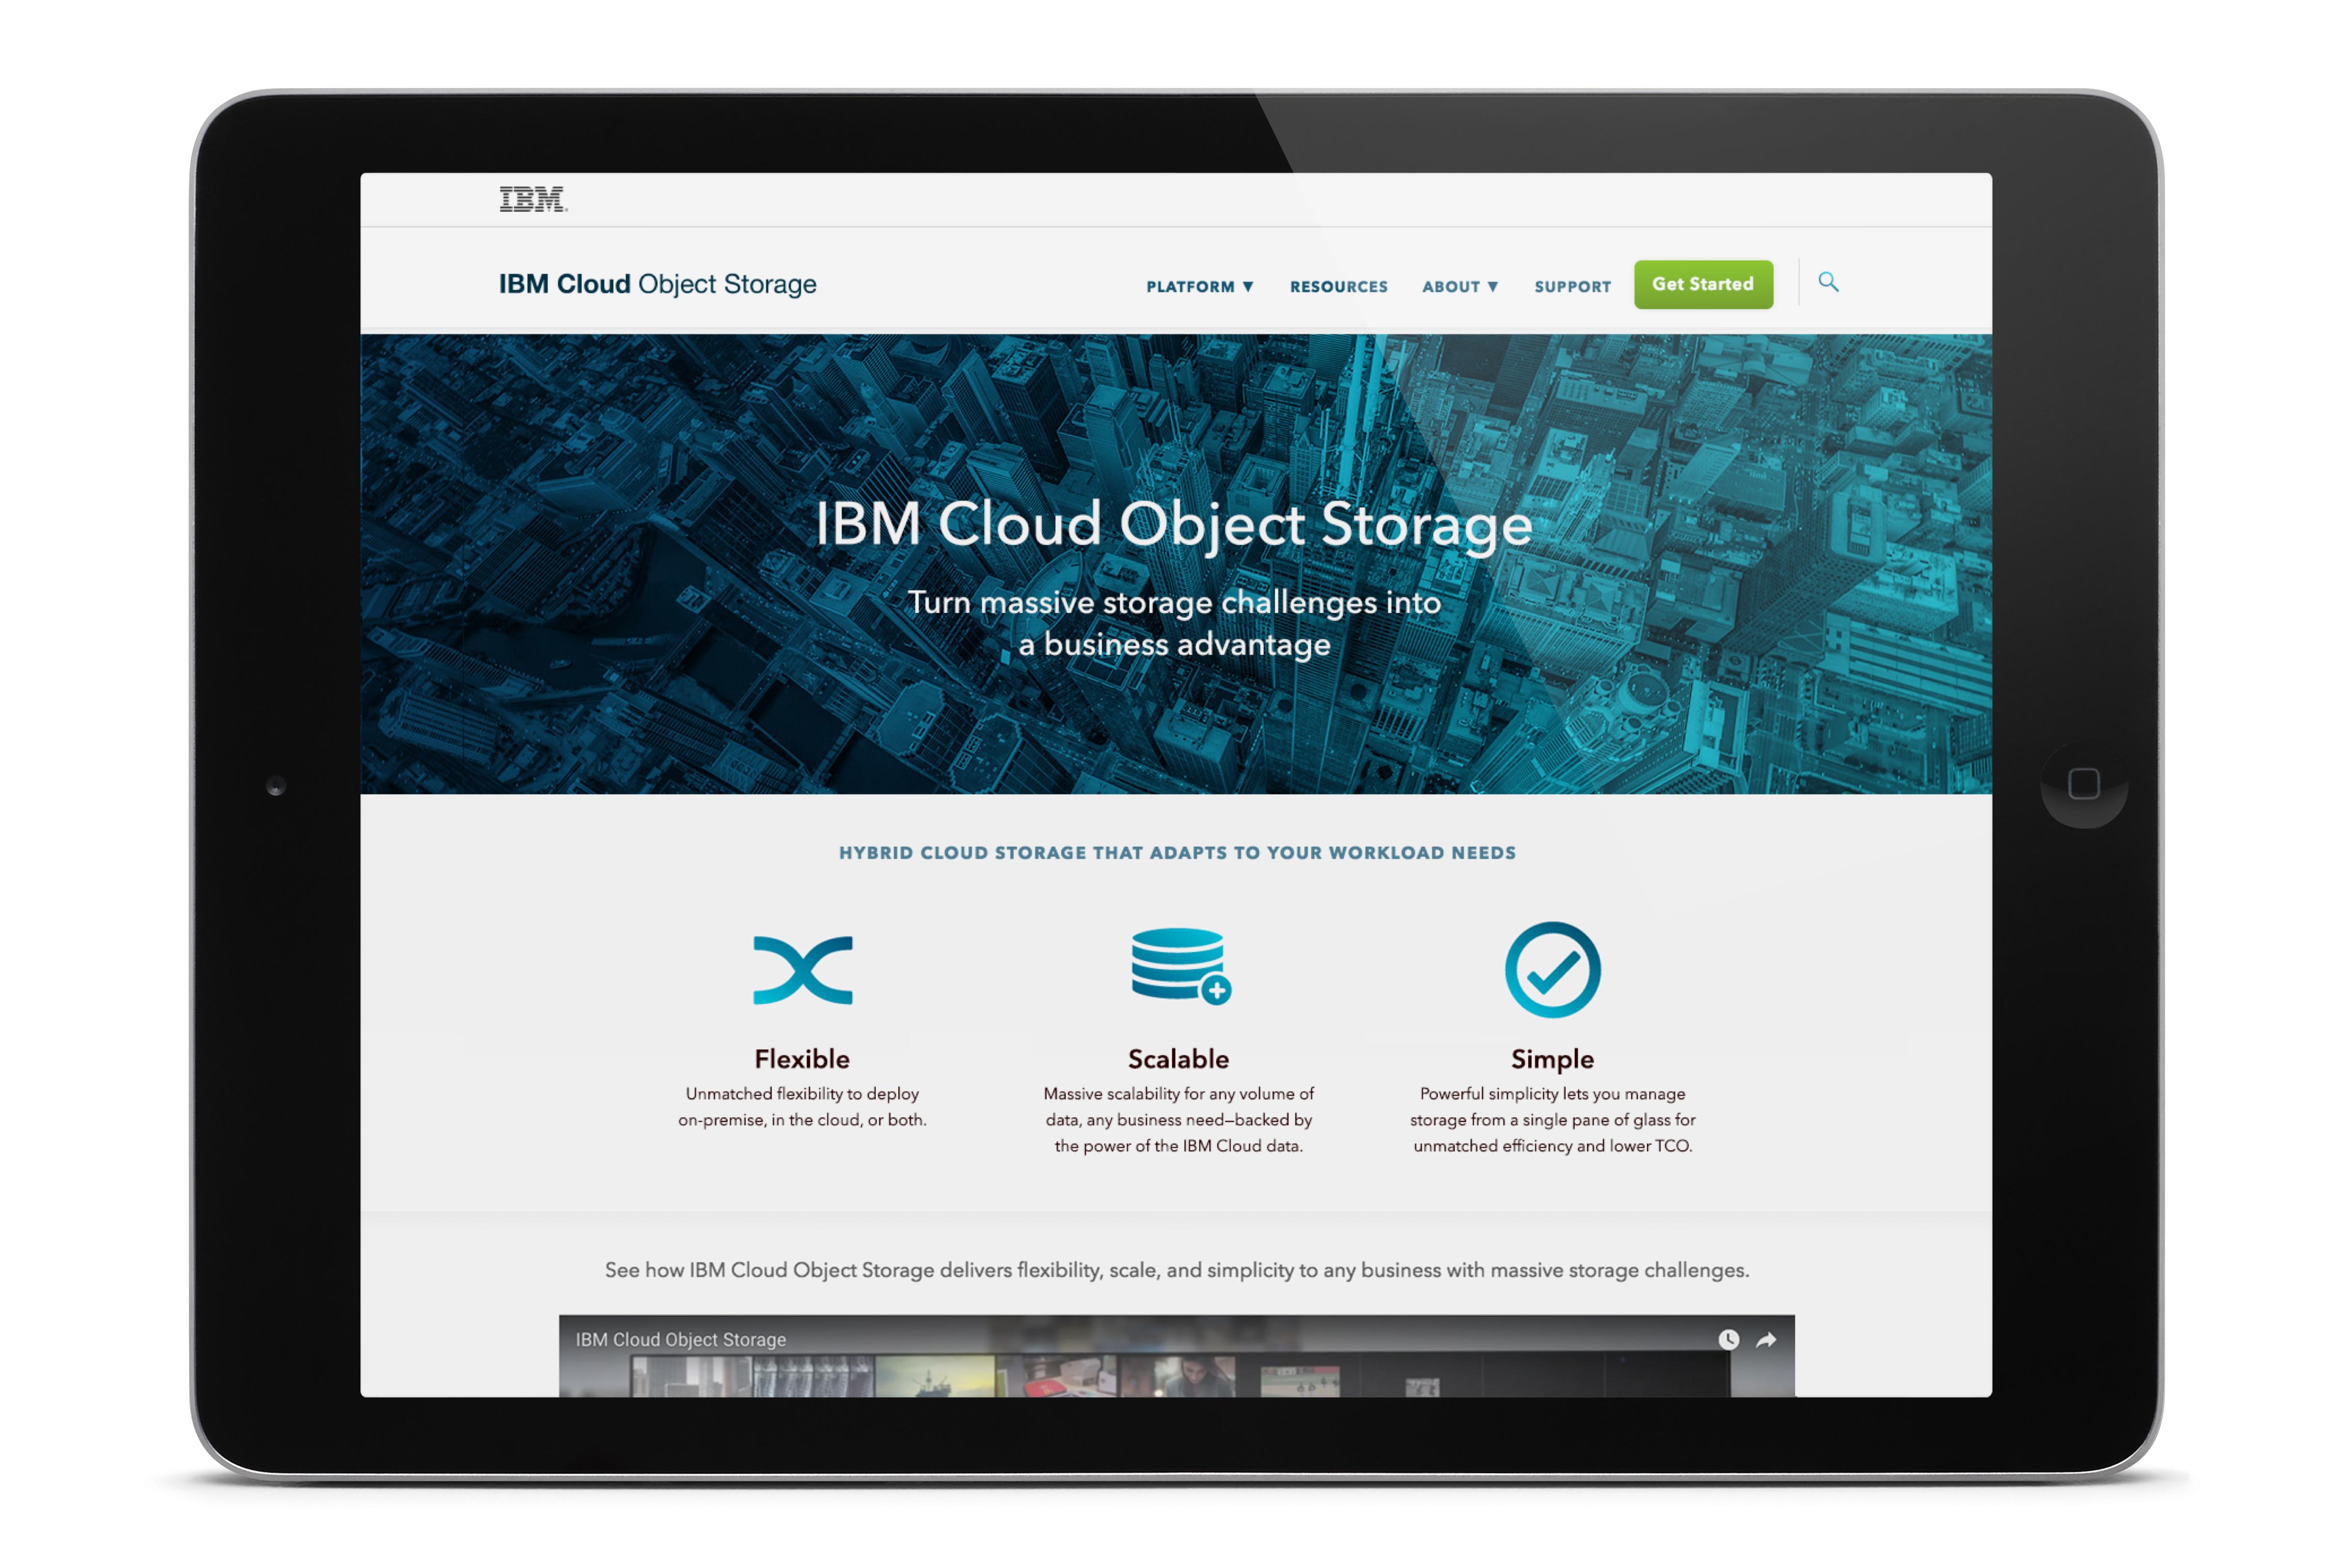 ibm cloud object storage website  u2014 jana heyer mfa